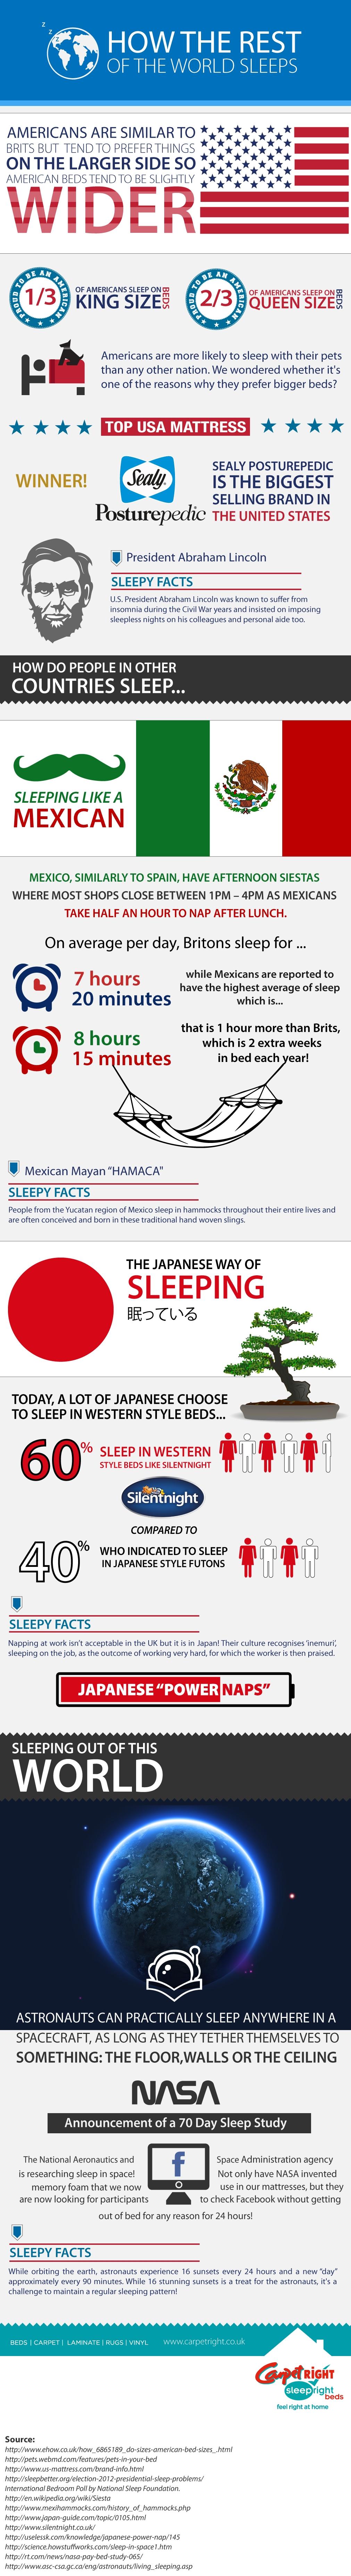 How The World Sleeps